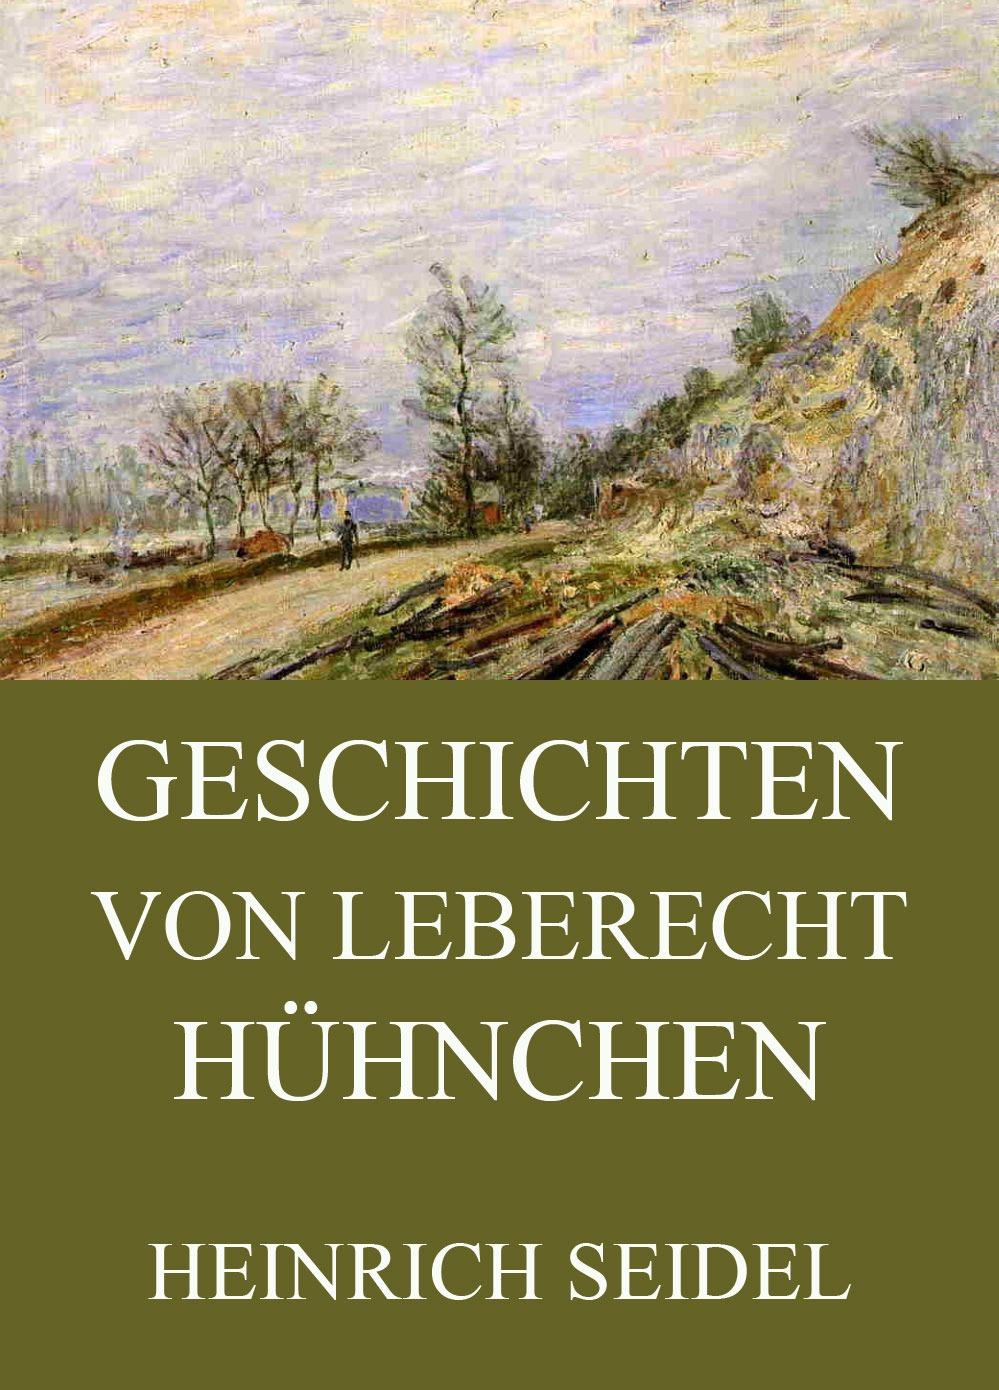 цена Heinrich Seidel Geschichten von Leberecht Hühnchen онлайн в 2017 году